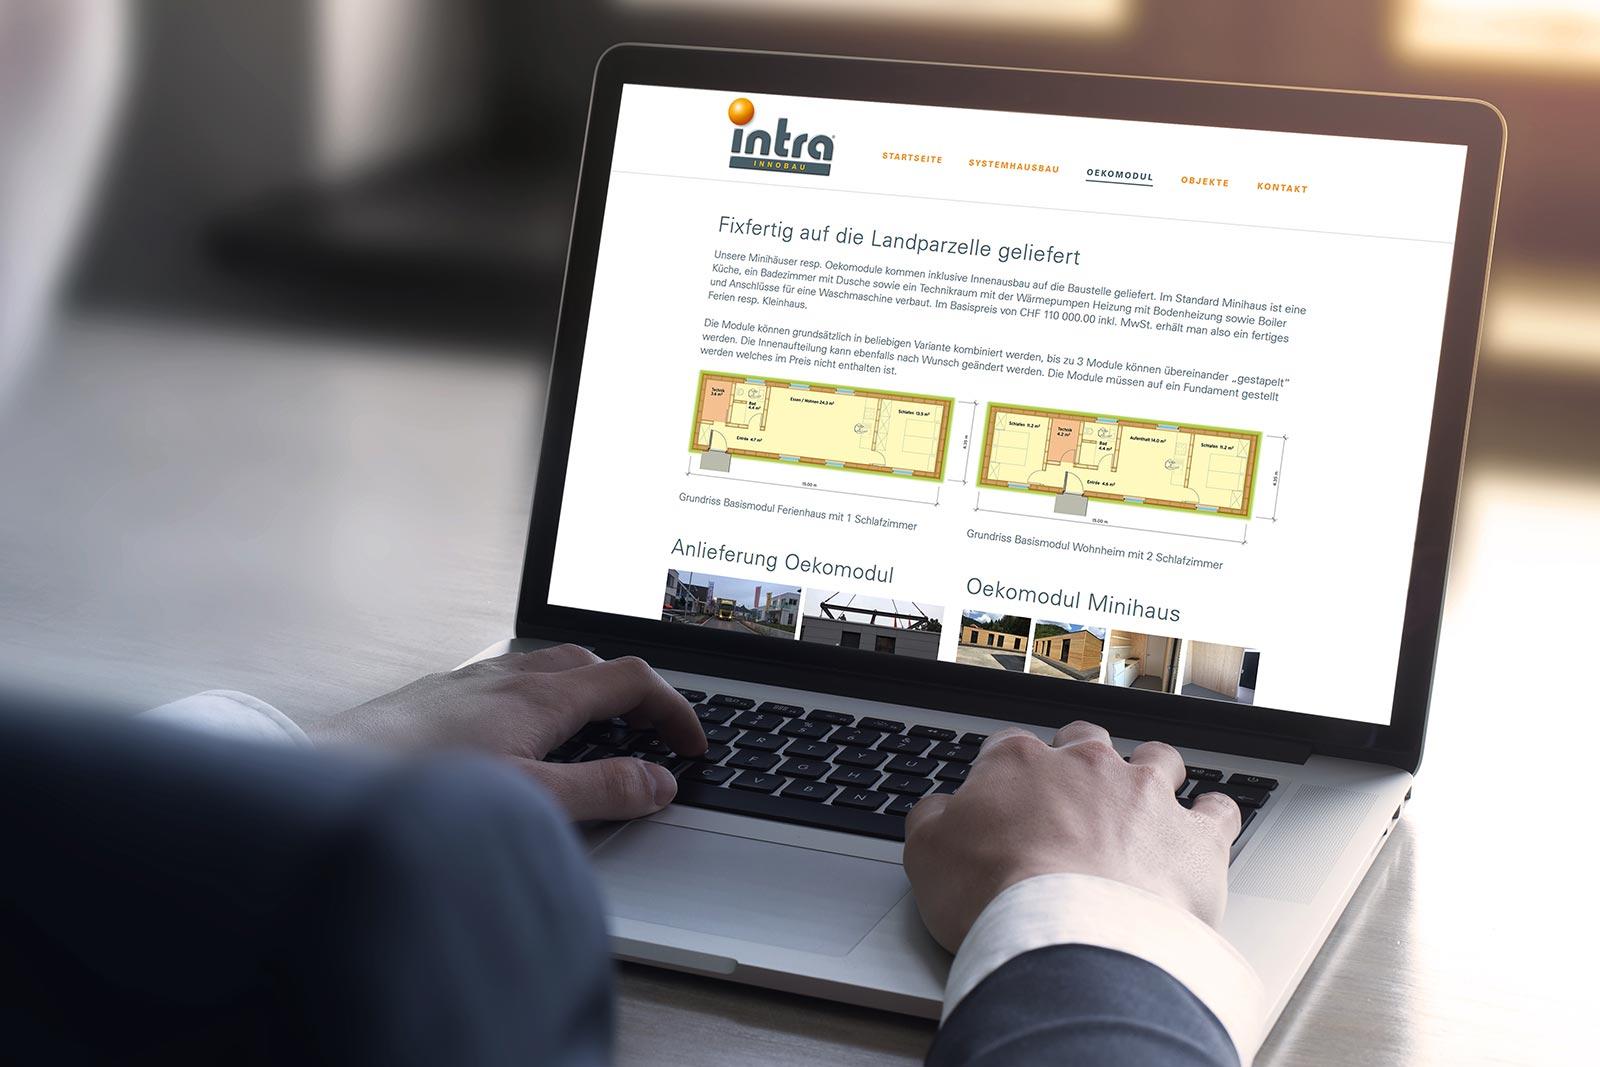 intra immobilien trading ag ist nun online. Black Bedroom Furniture Sets. Home Design Ideas